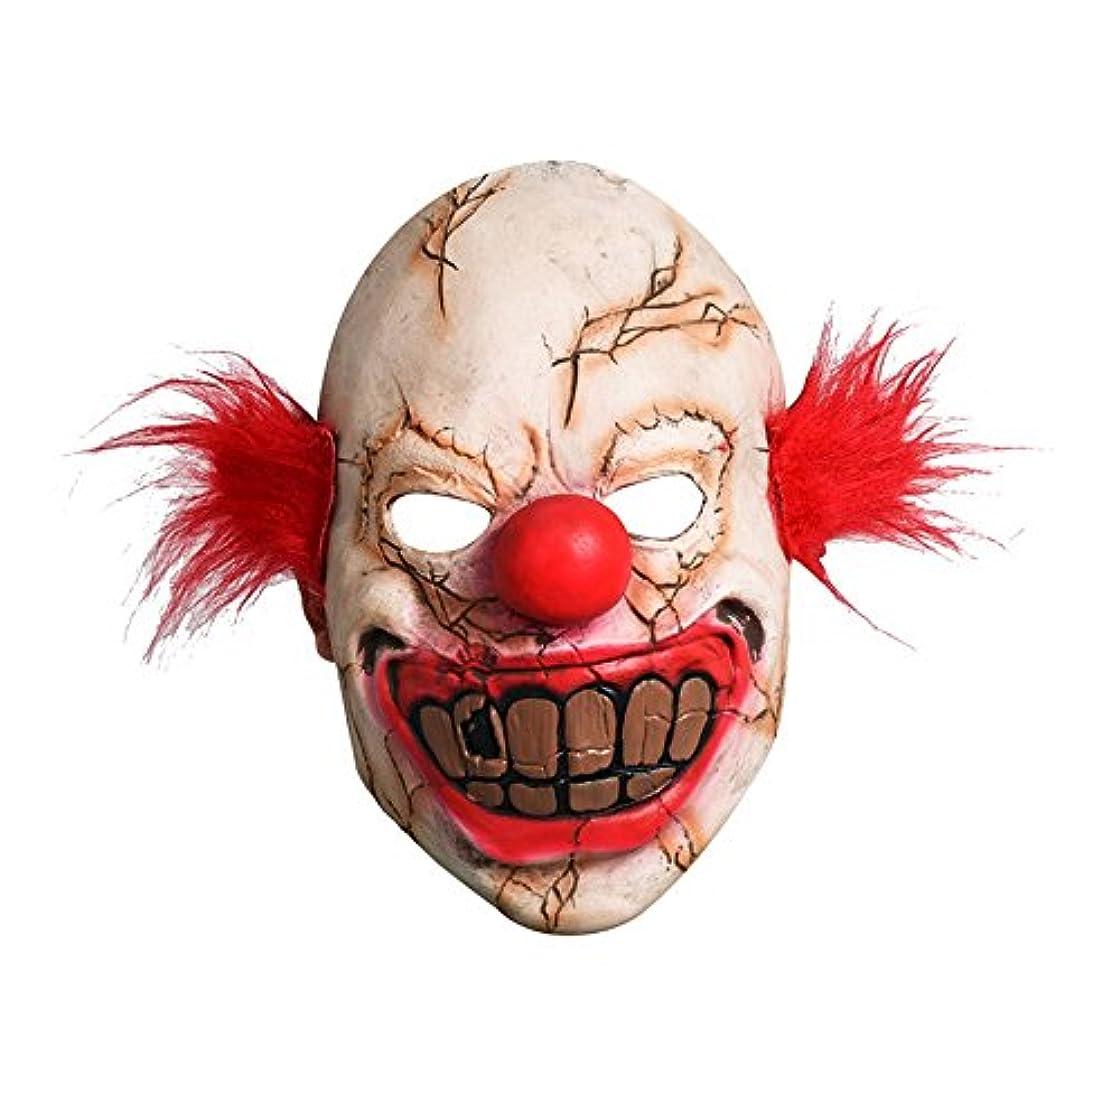 ゲートウェイ良心的イルハロウィン用品バー怖い恐ろしい腐った道化師カーニバル全体の人々おかしい悪魔腐った顔ピエロマスク